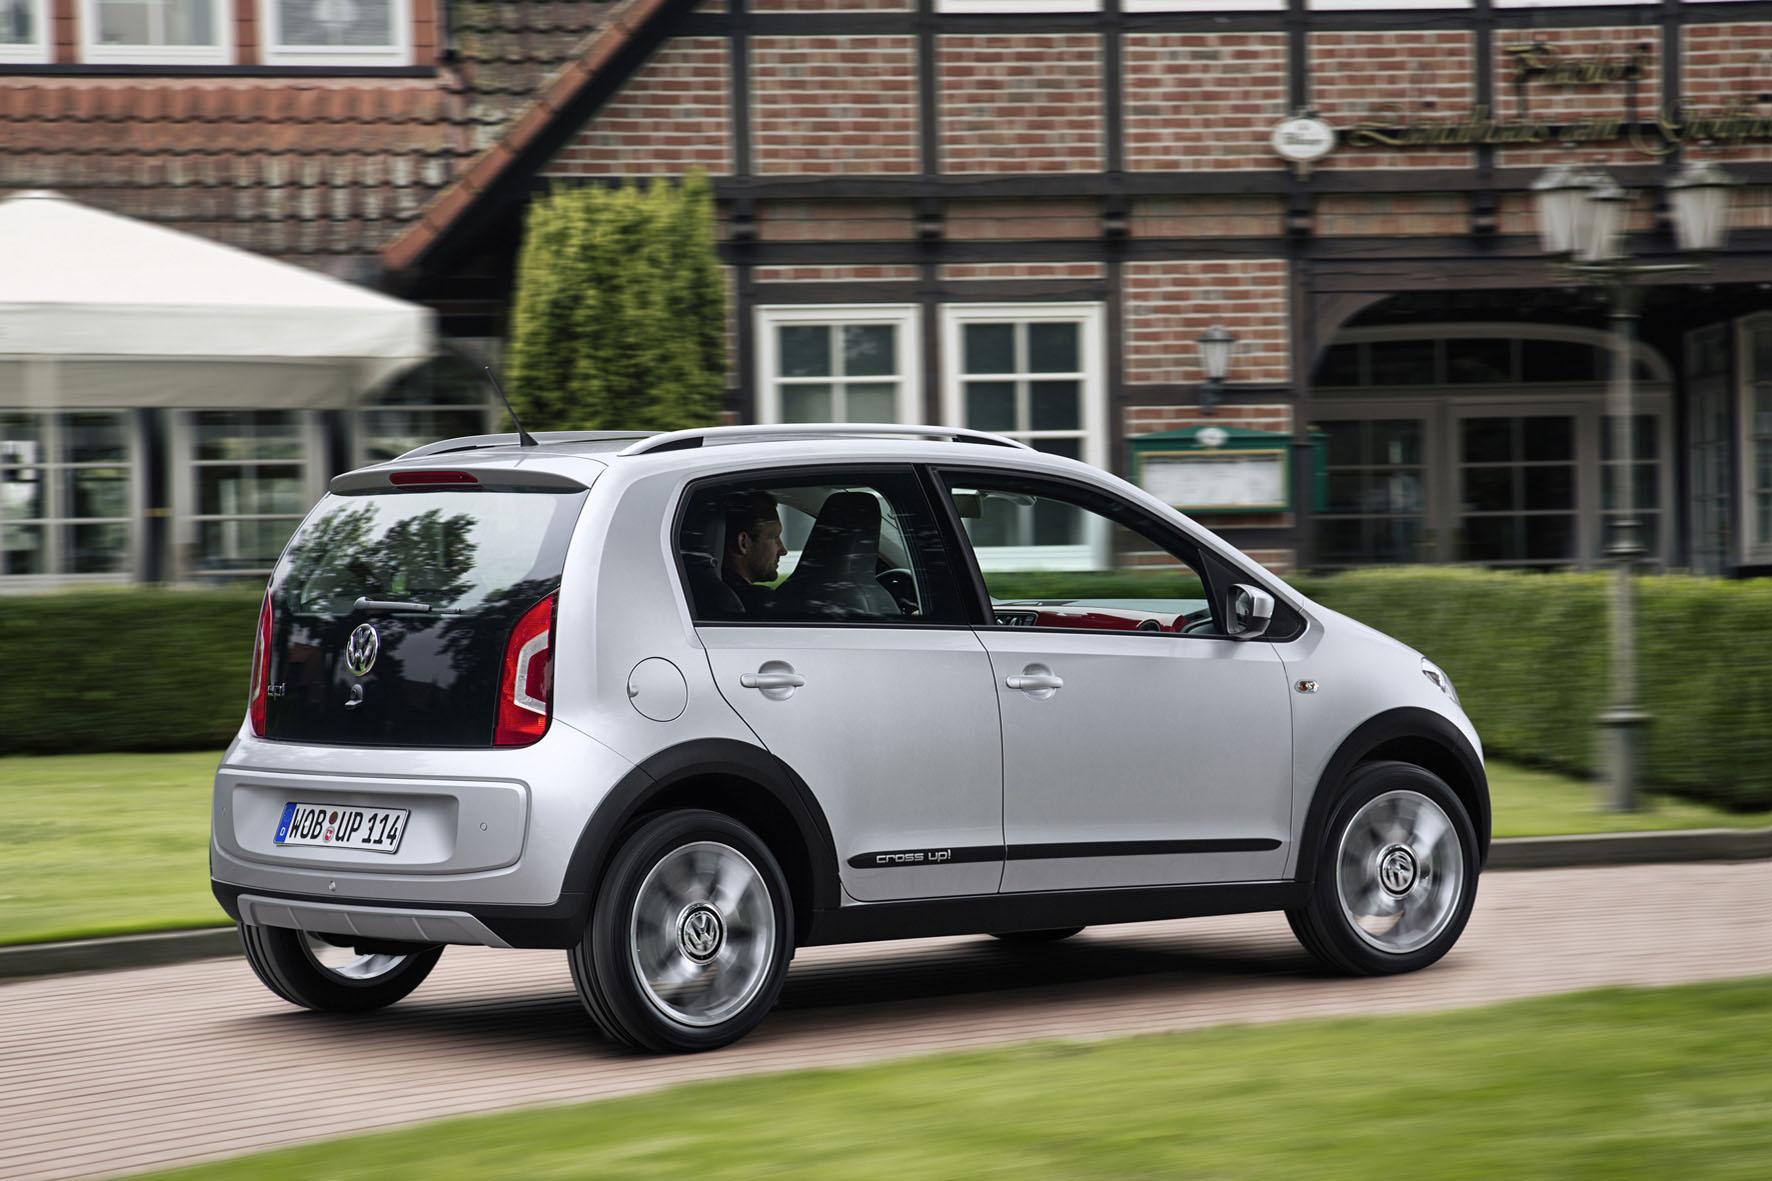 Mit dem aktuellen Versicherungsangebot zu Kleinwagen Polo und up! sicher und planbar günstig unterwegs.